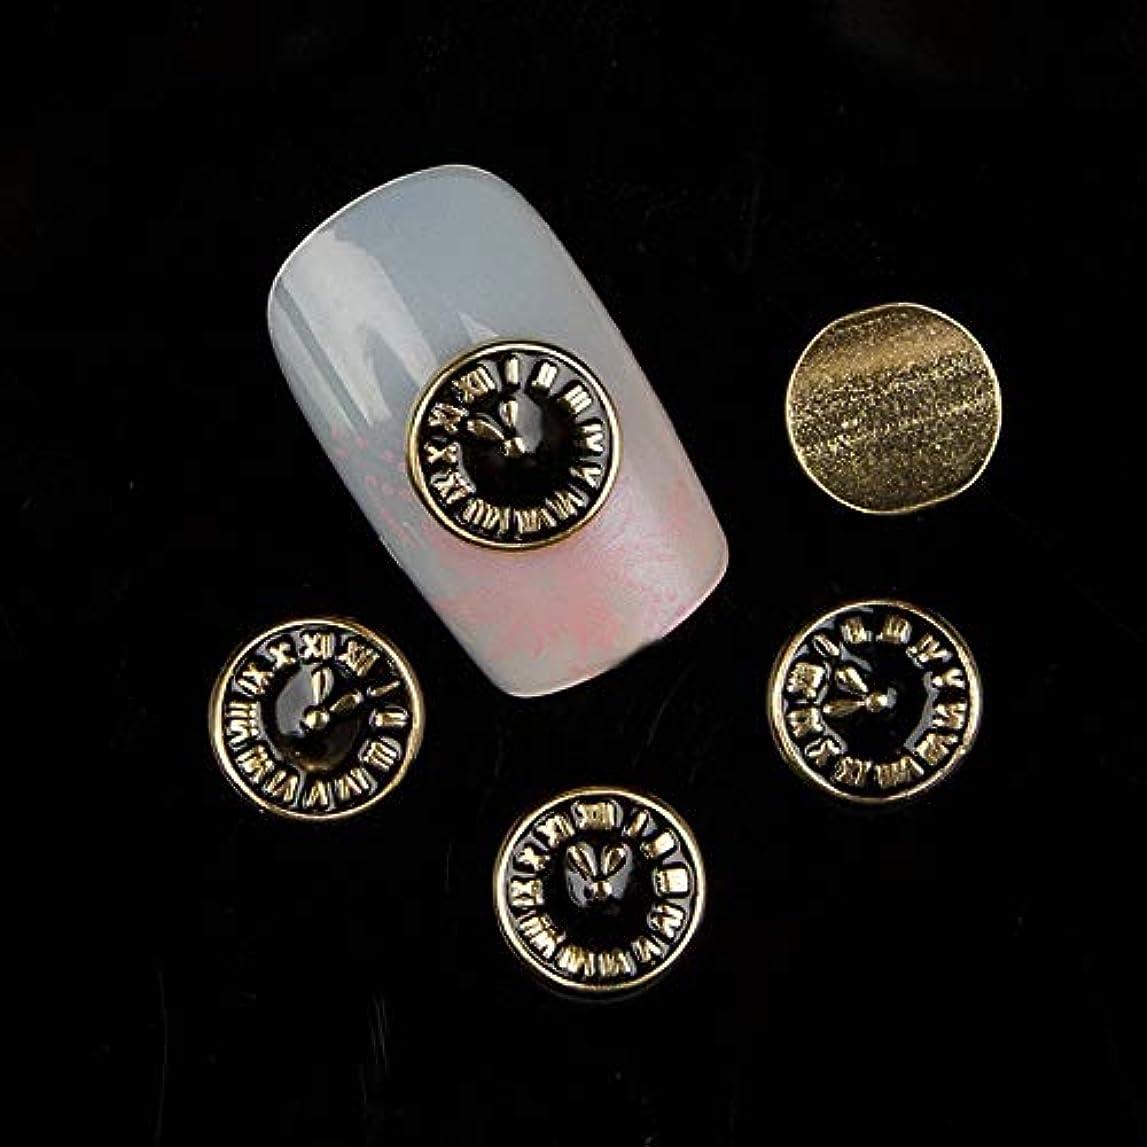 果てしないリース叱る10個入り/ロットゴールドブラックネイル合金スタッド3Dメタル時計ネイルアートの装飾マニキュアデザイン